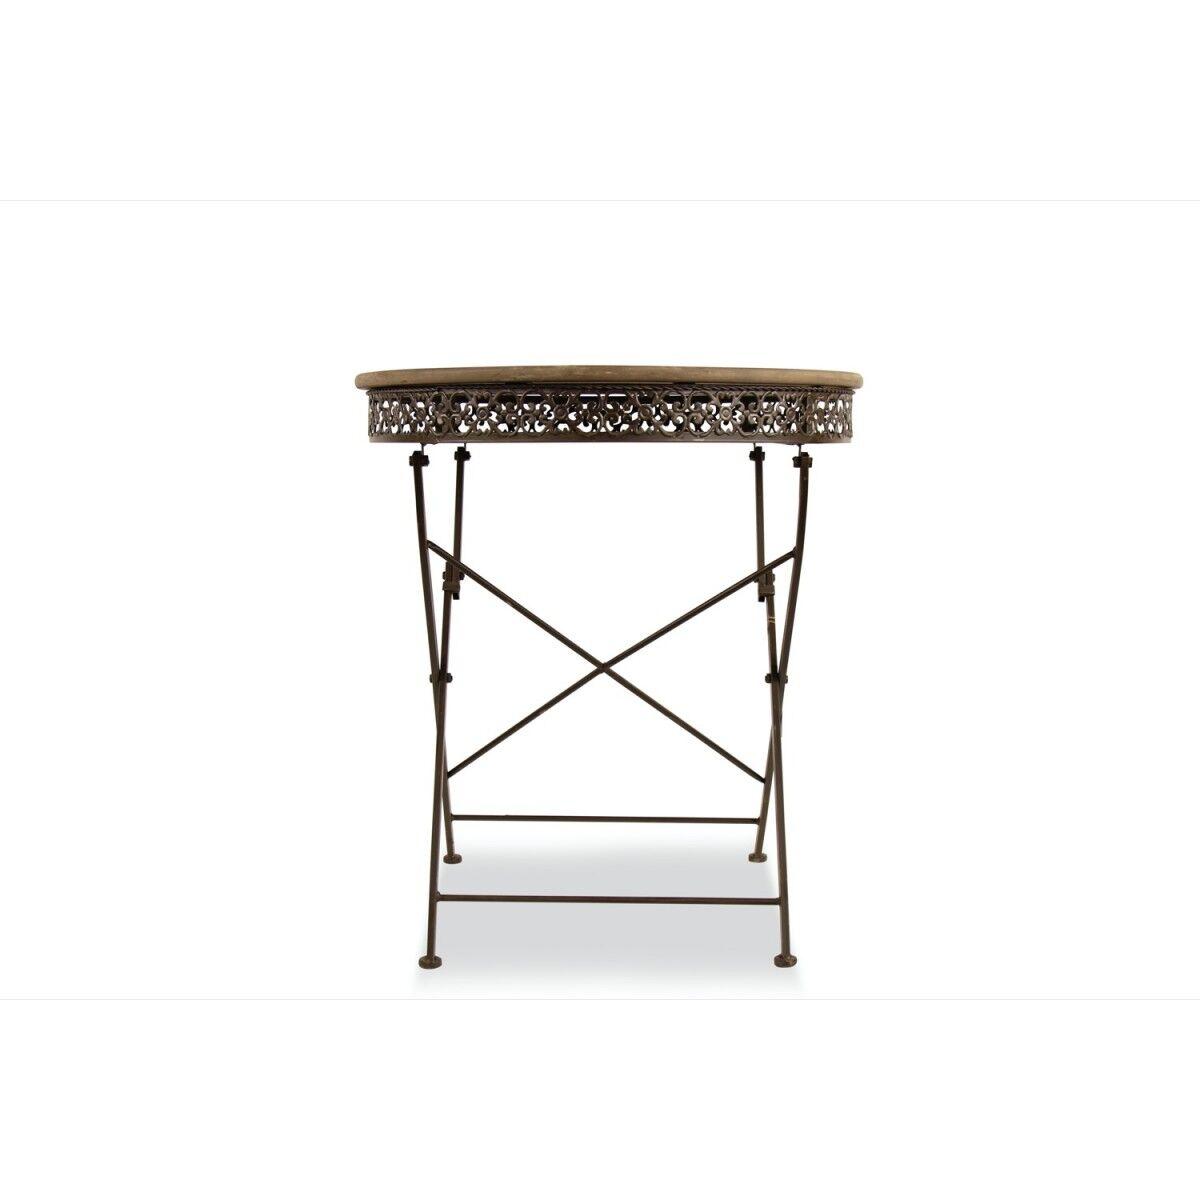 Décoration d'fois Table Ronde Bois Fer Forgé Marron 71.5x71.5x78.5cm